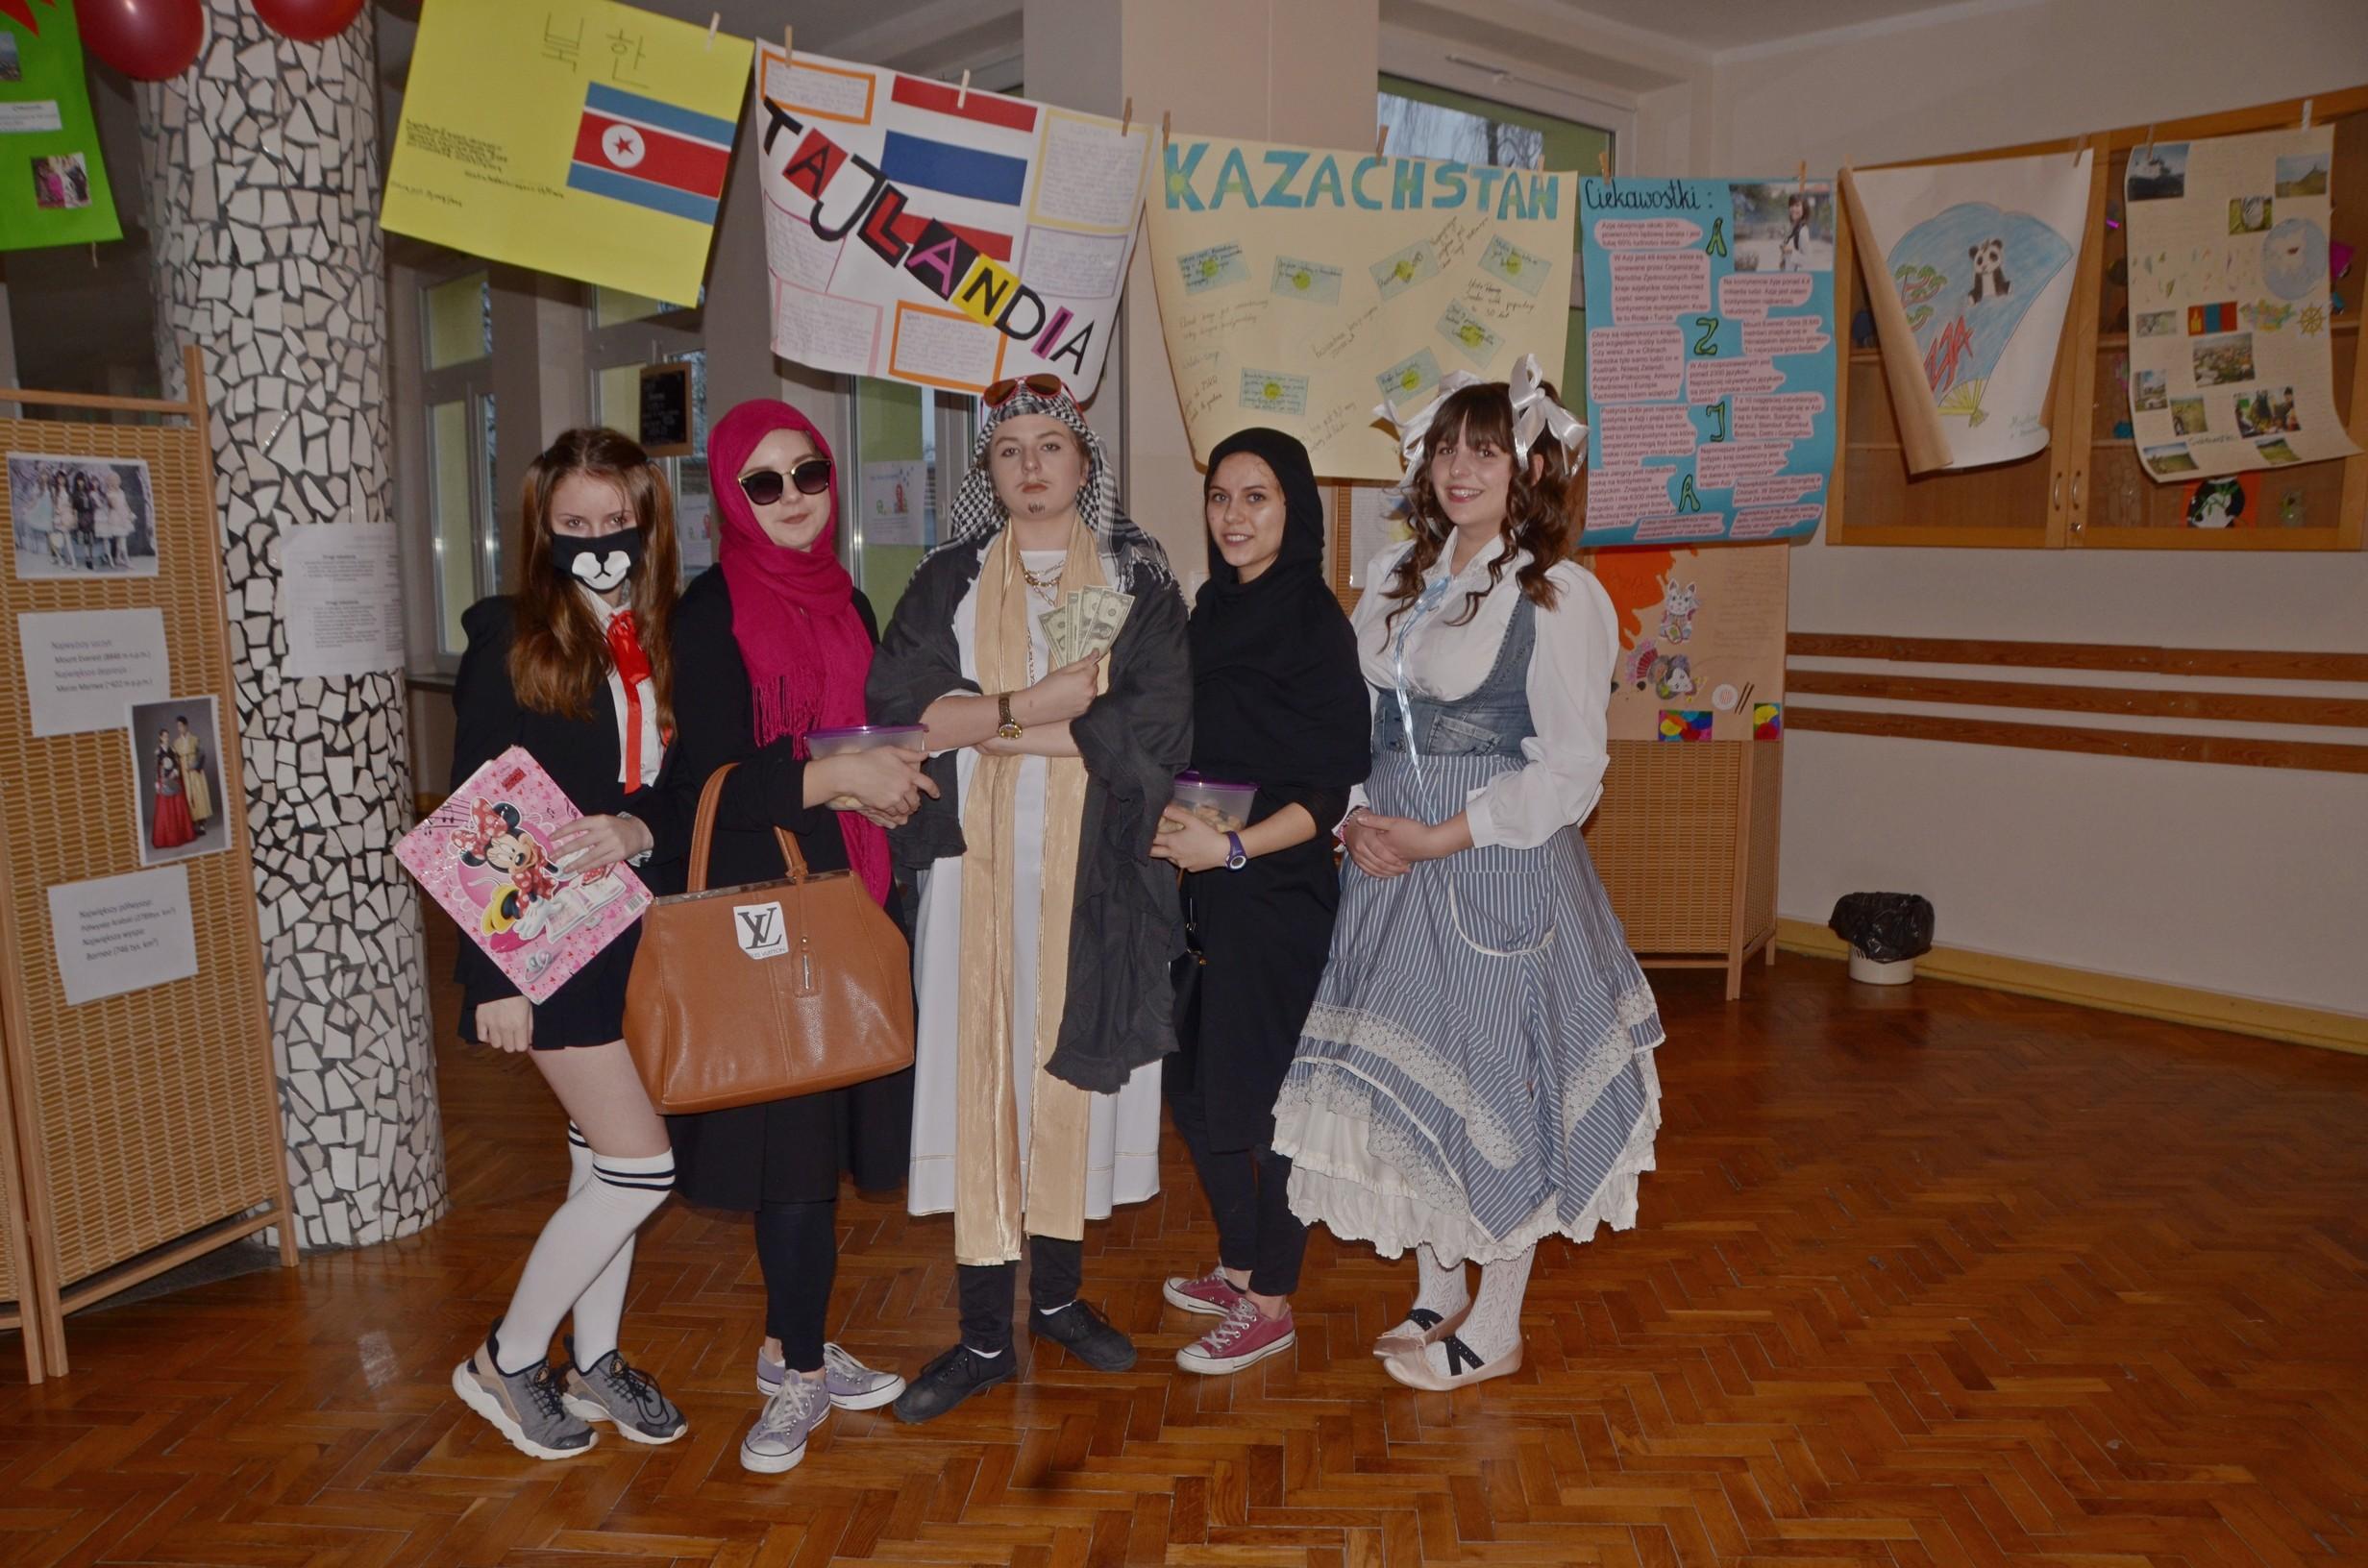 Azjaci na szkolnych korytarzach